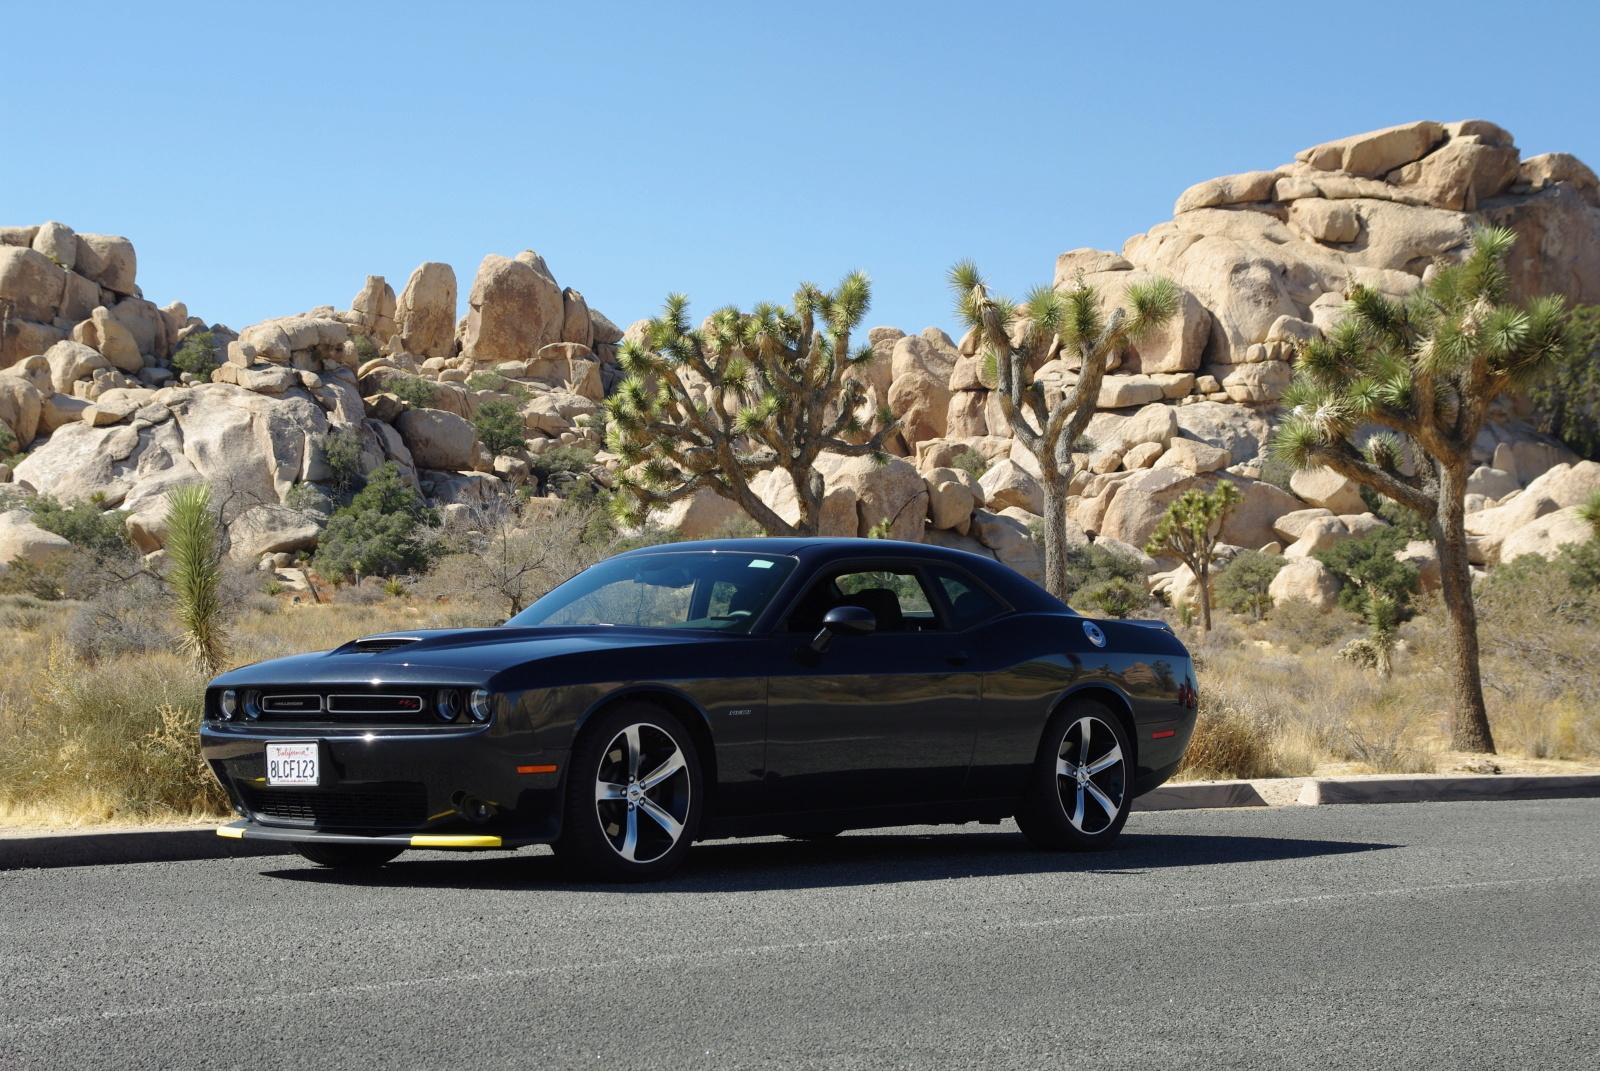 Road Trip / Ouest des USA en Challenger de location -Part II Imgpk253